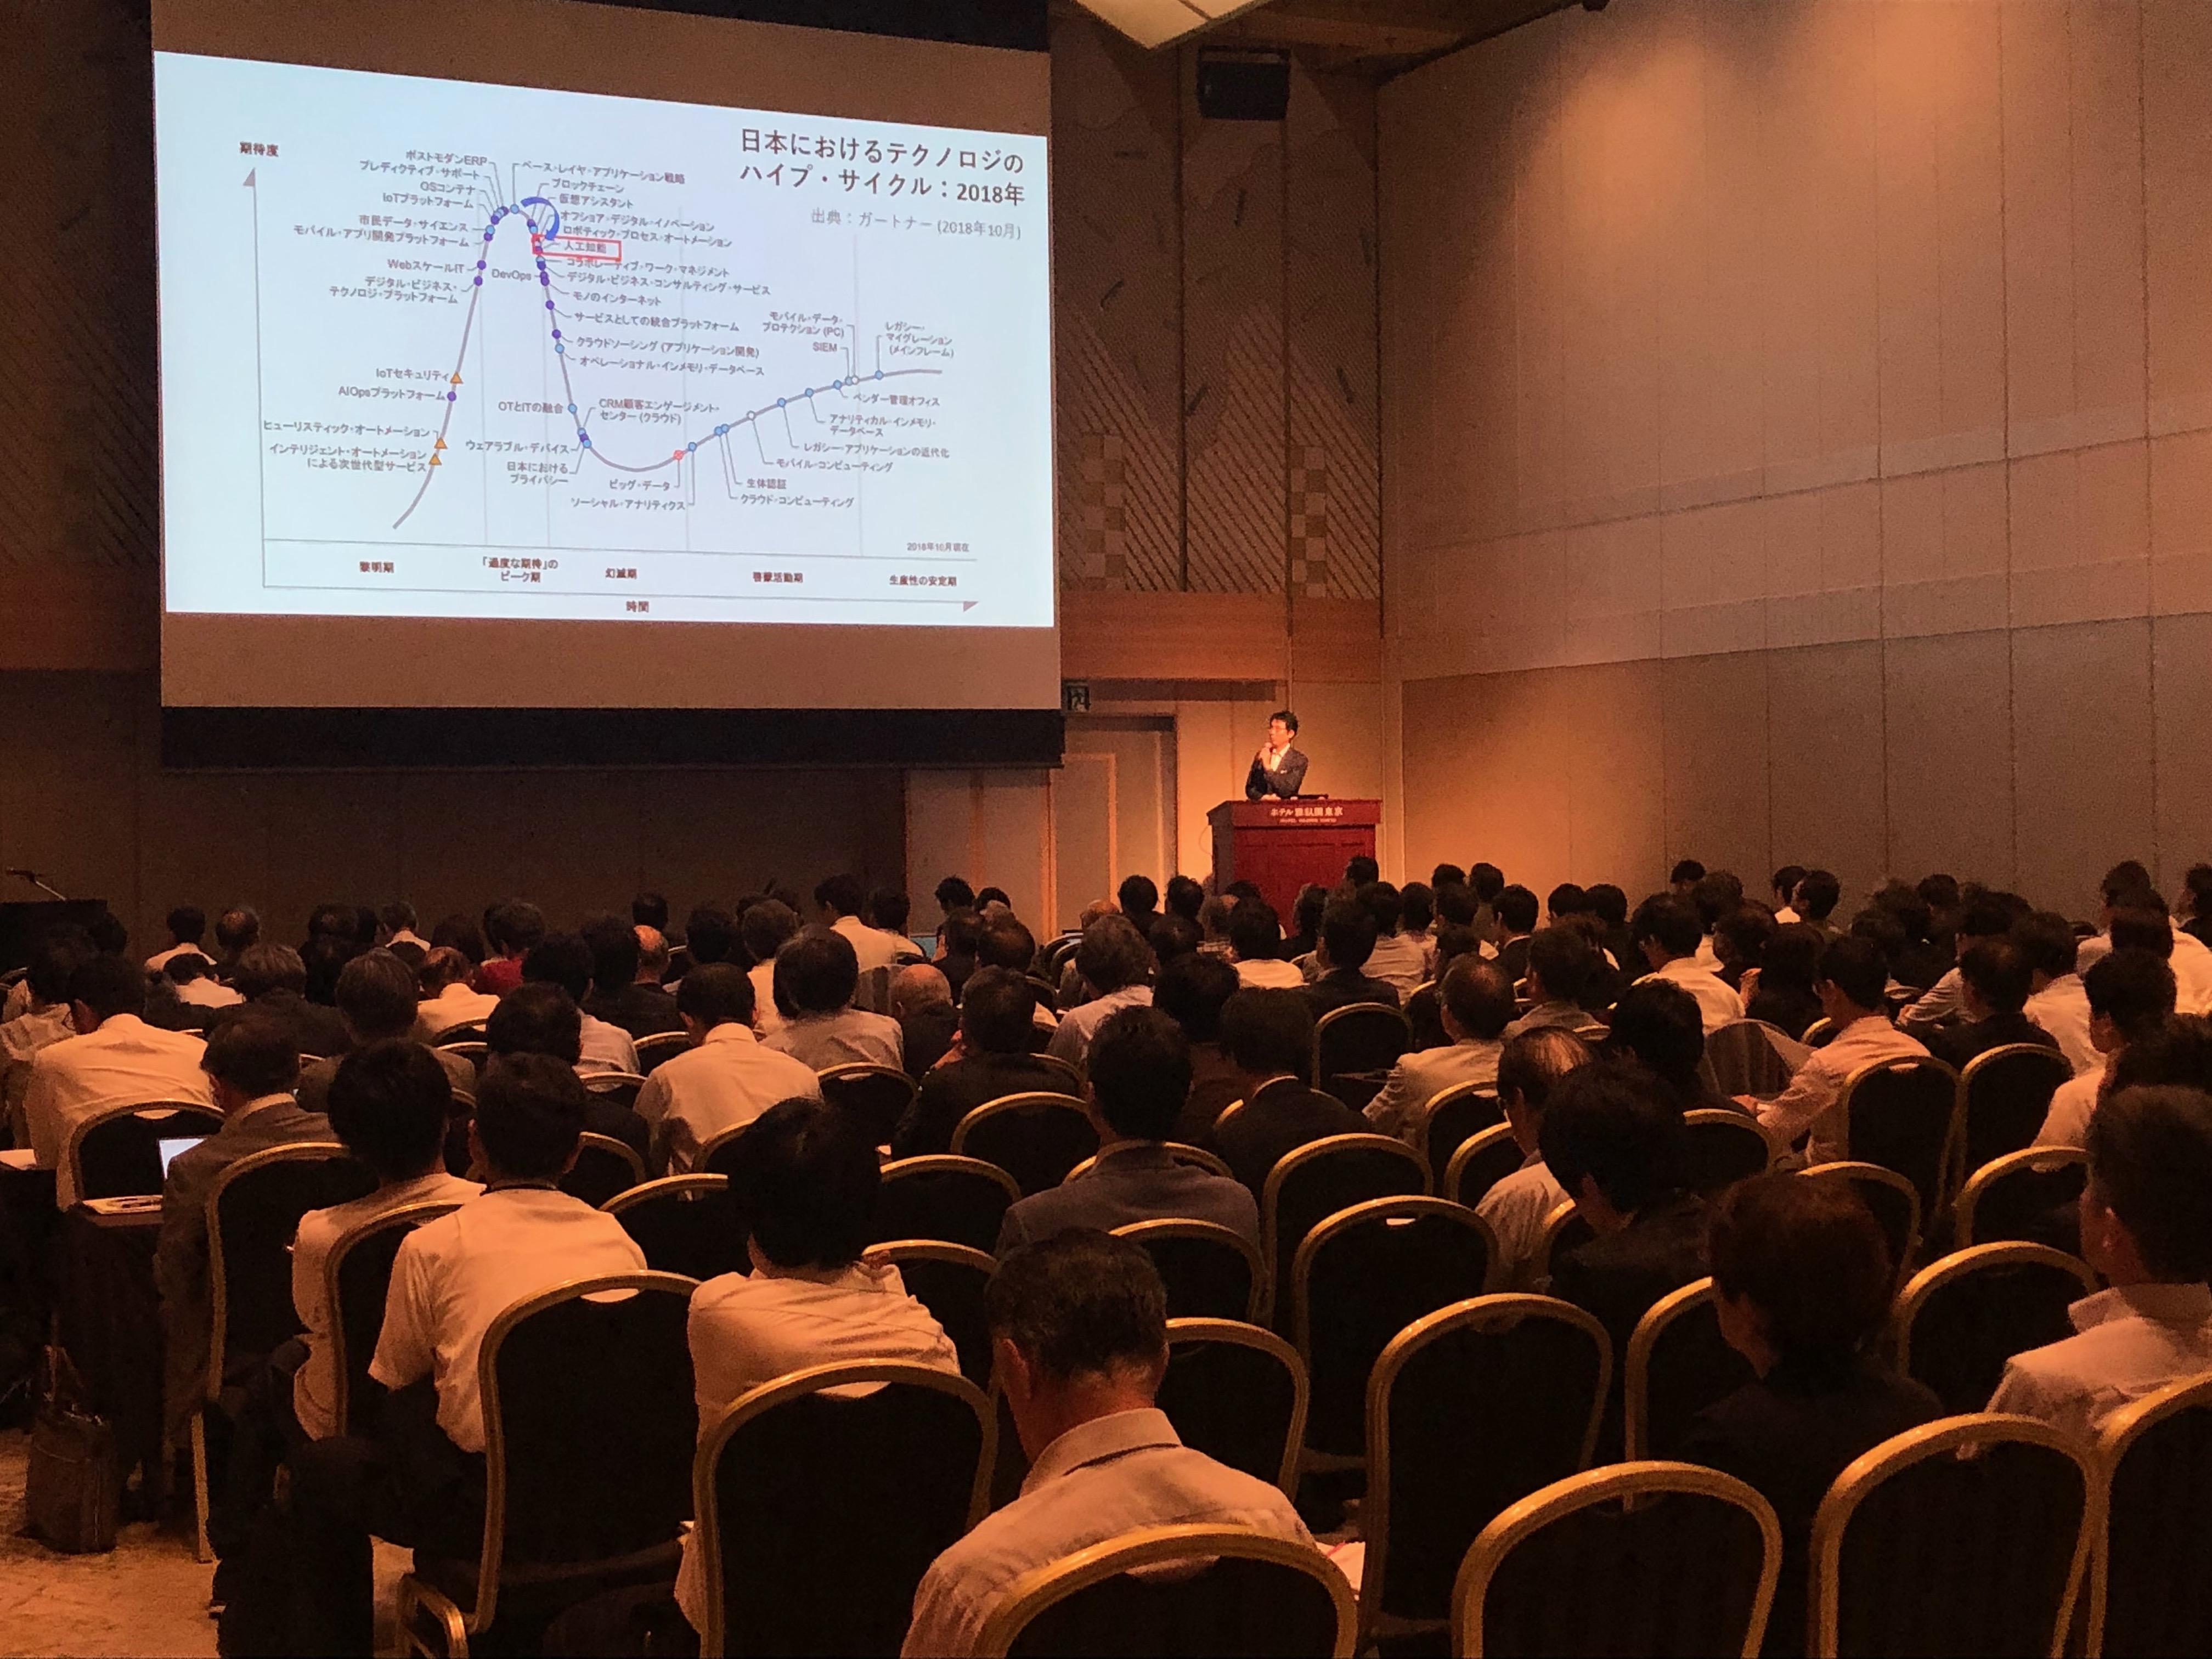 2019年5月31日開催 日経xTECH主催 人工知能サミット2019 イベントレポートを公開しました。